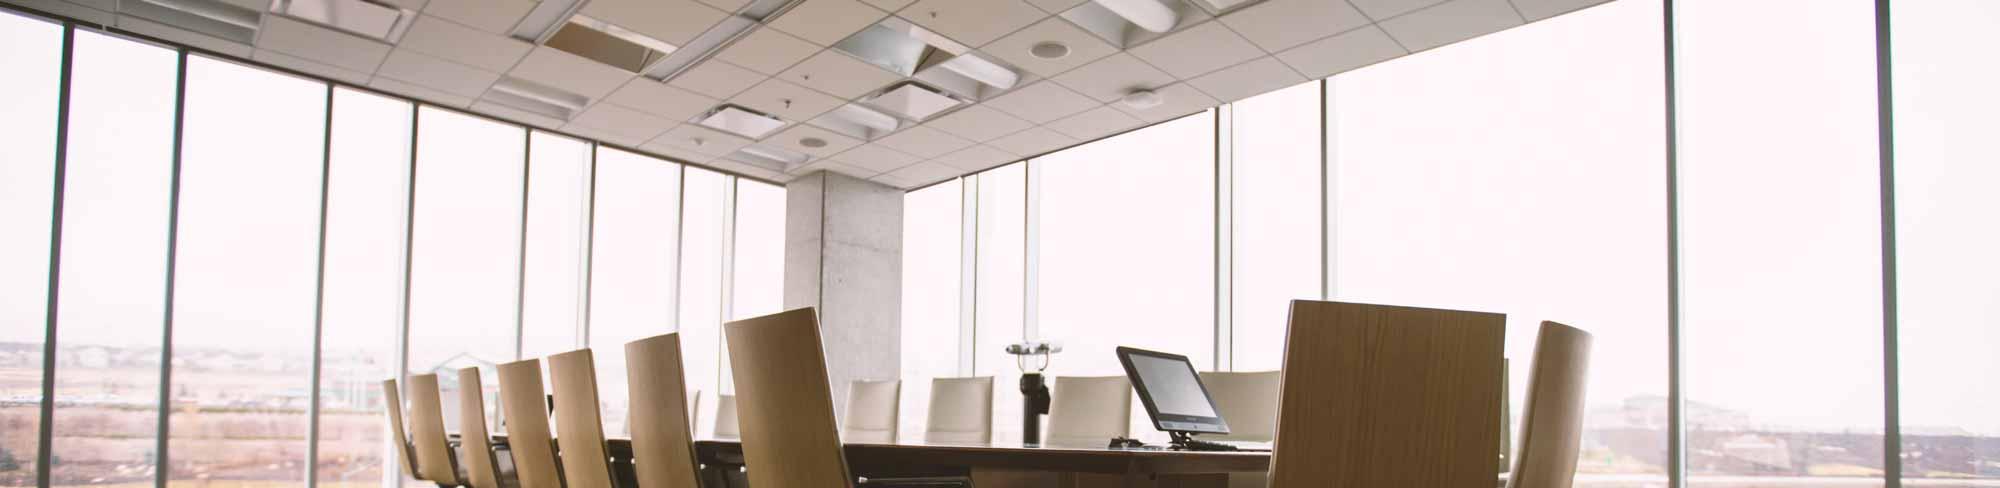 Cristal'Air spécialiste Système de ventilation